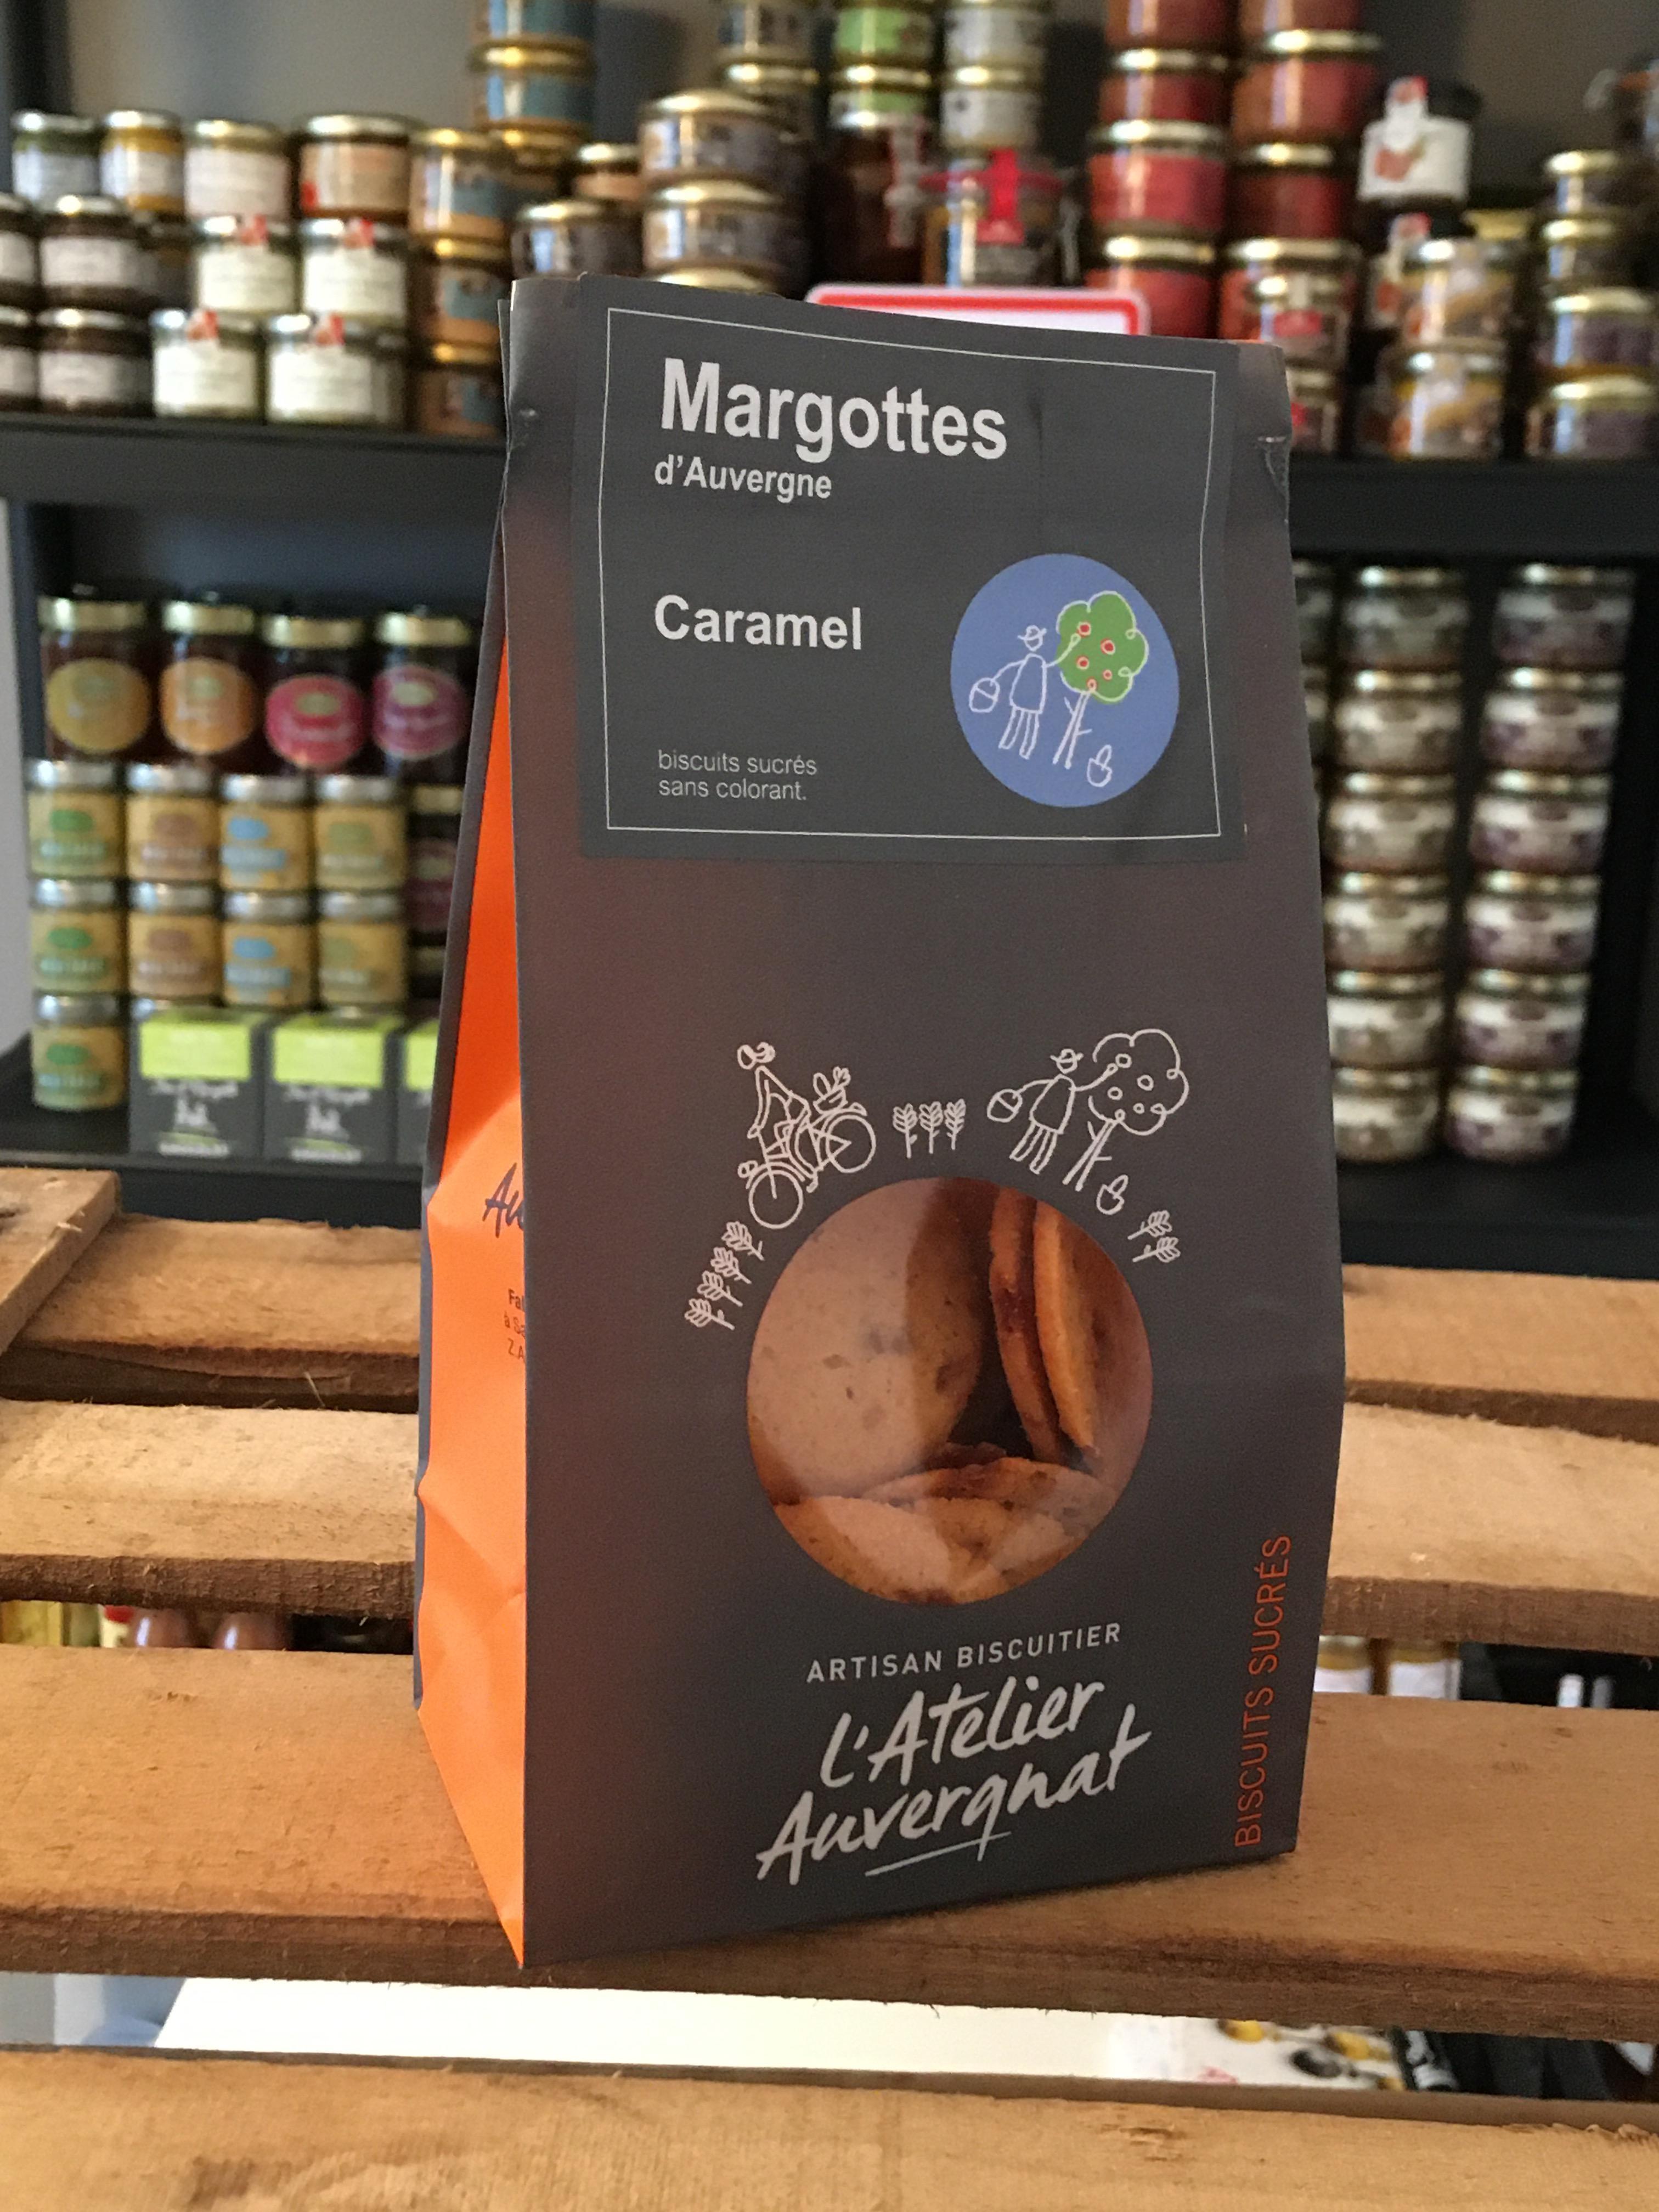 MARGOTTES d'Auvergne Caramel Sucrés 140 g  Biscuiterie L'atelier auvergnat